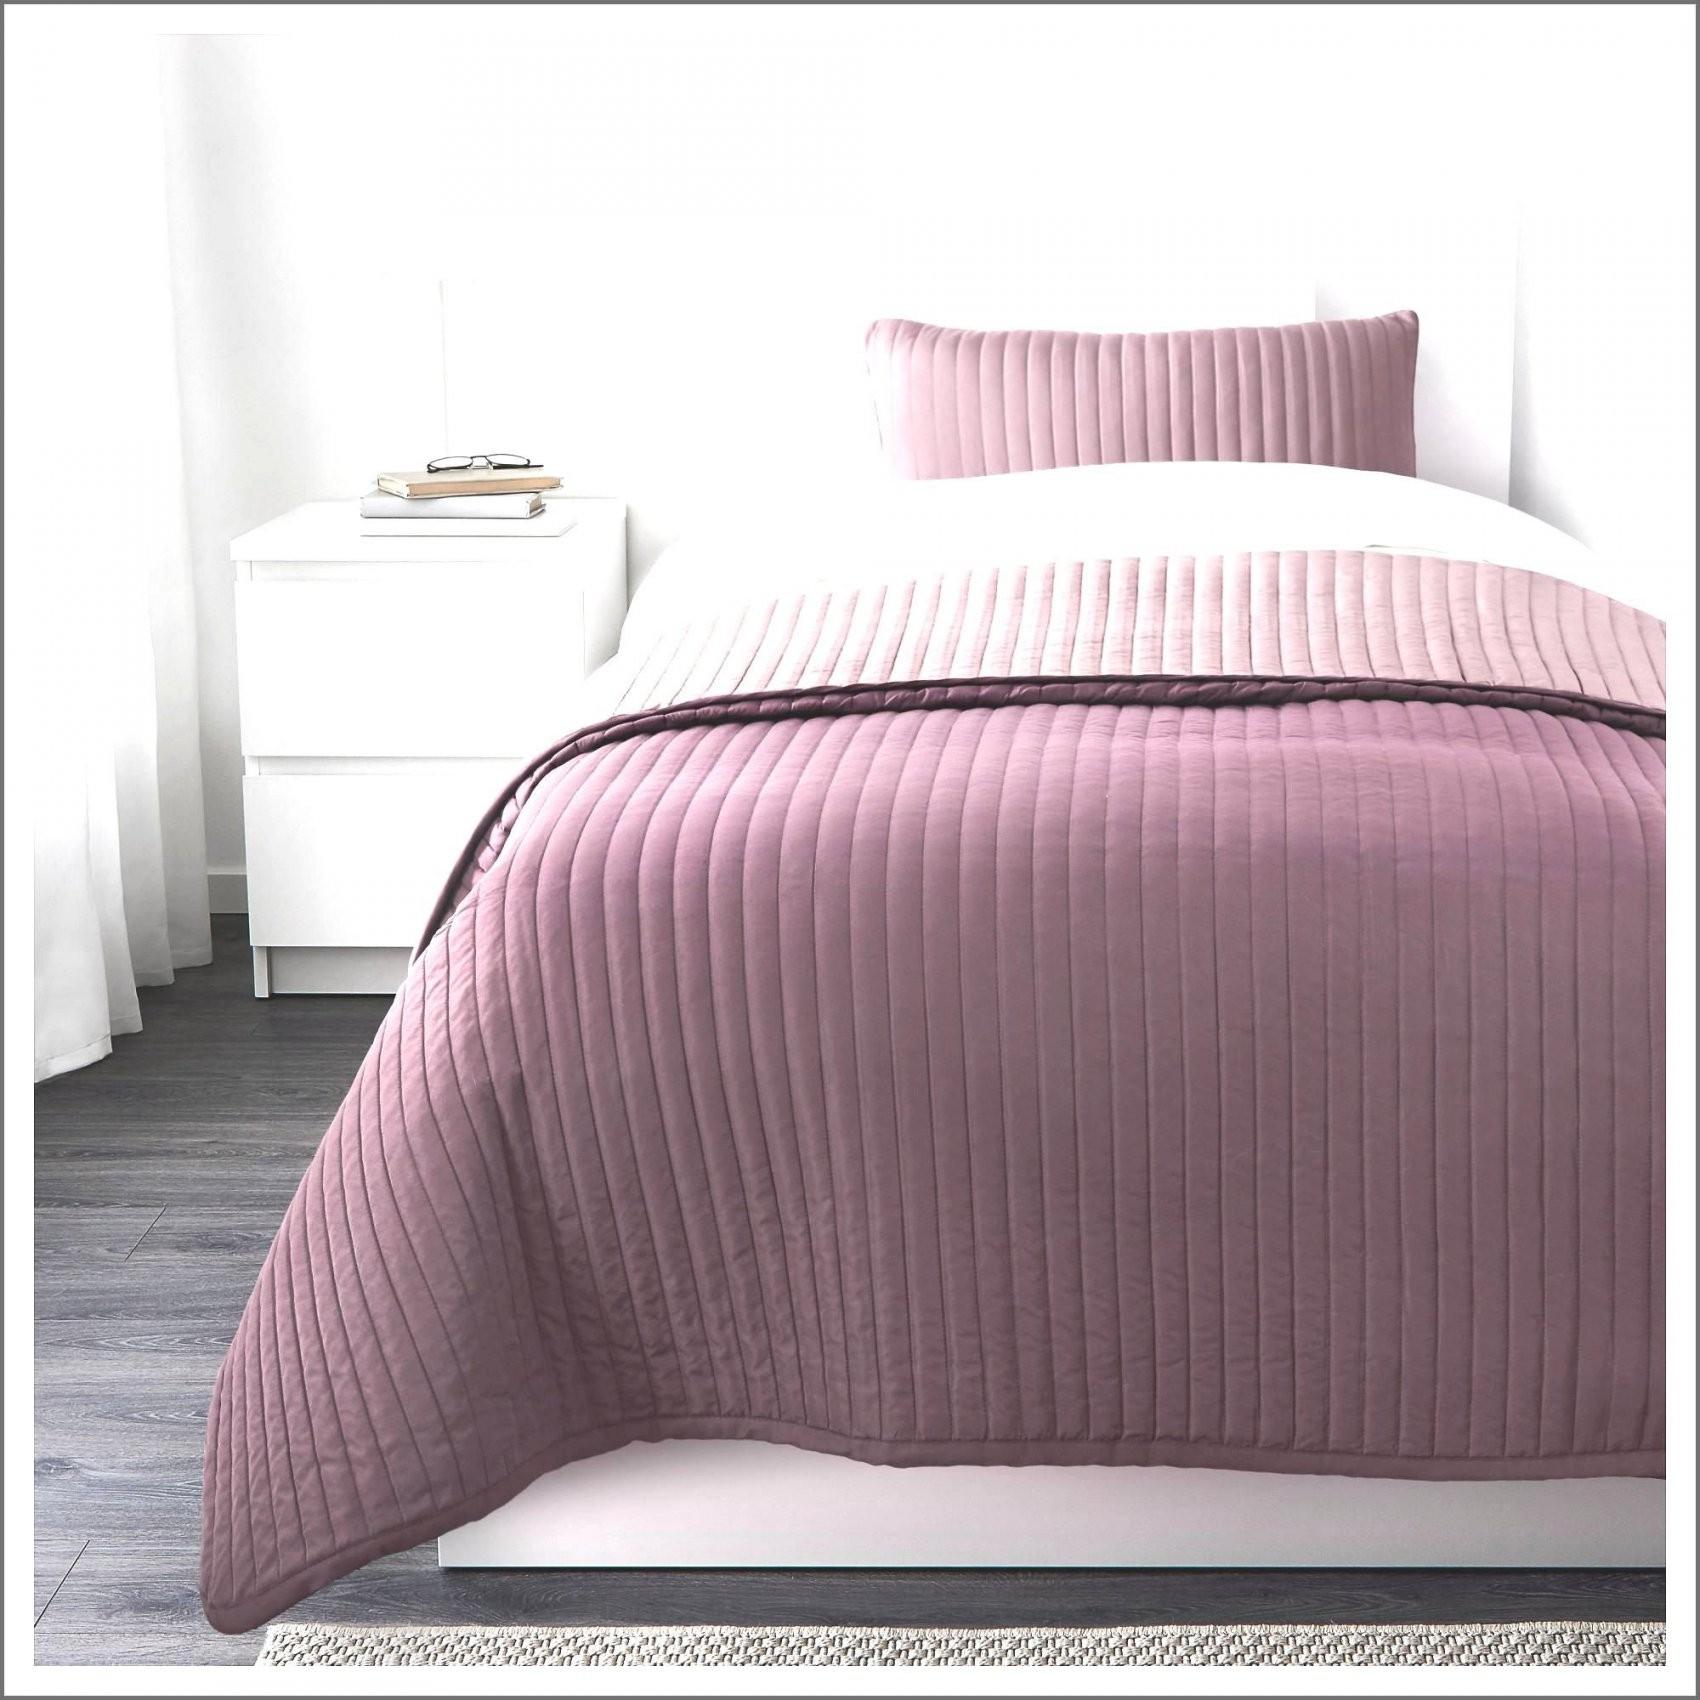 Einzigartig 24 Tagesdecke Für Bett 180×200 Ideen  Huambodigital von Tagesdecke Für Bett 180X200 Bild